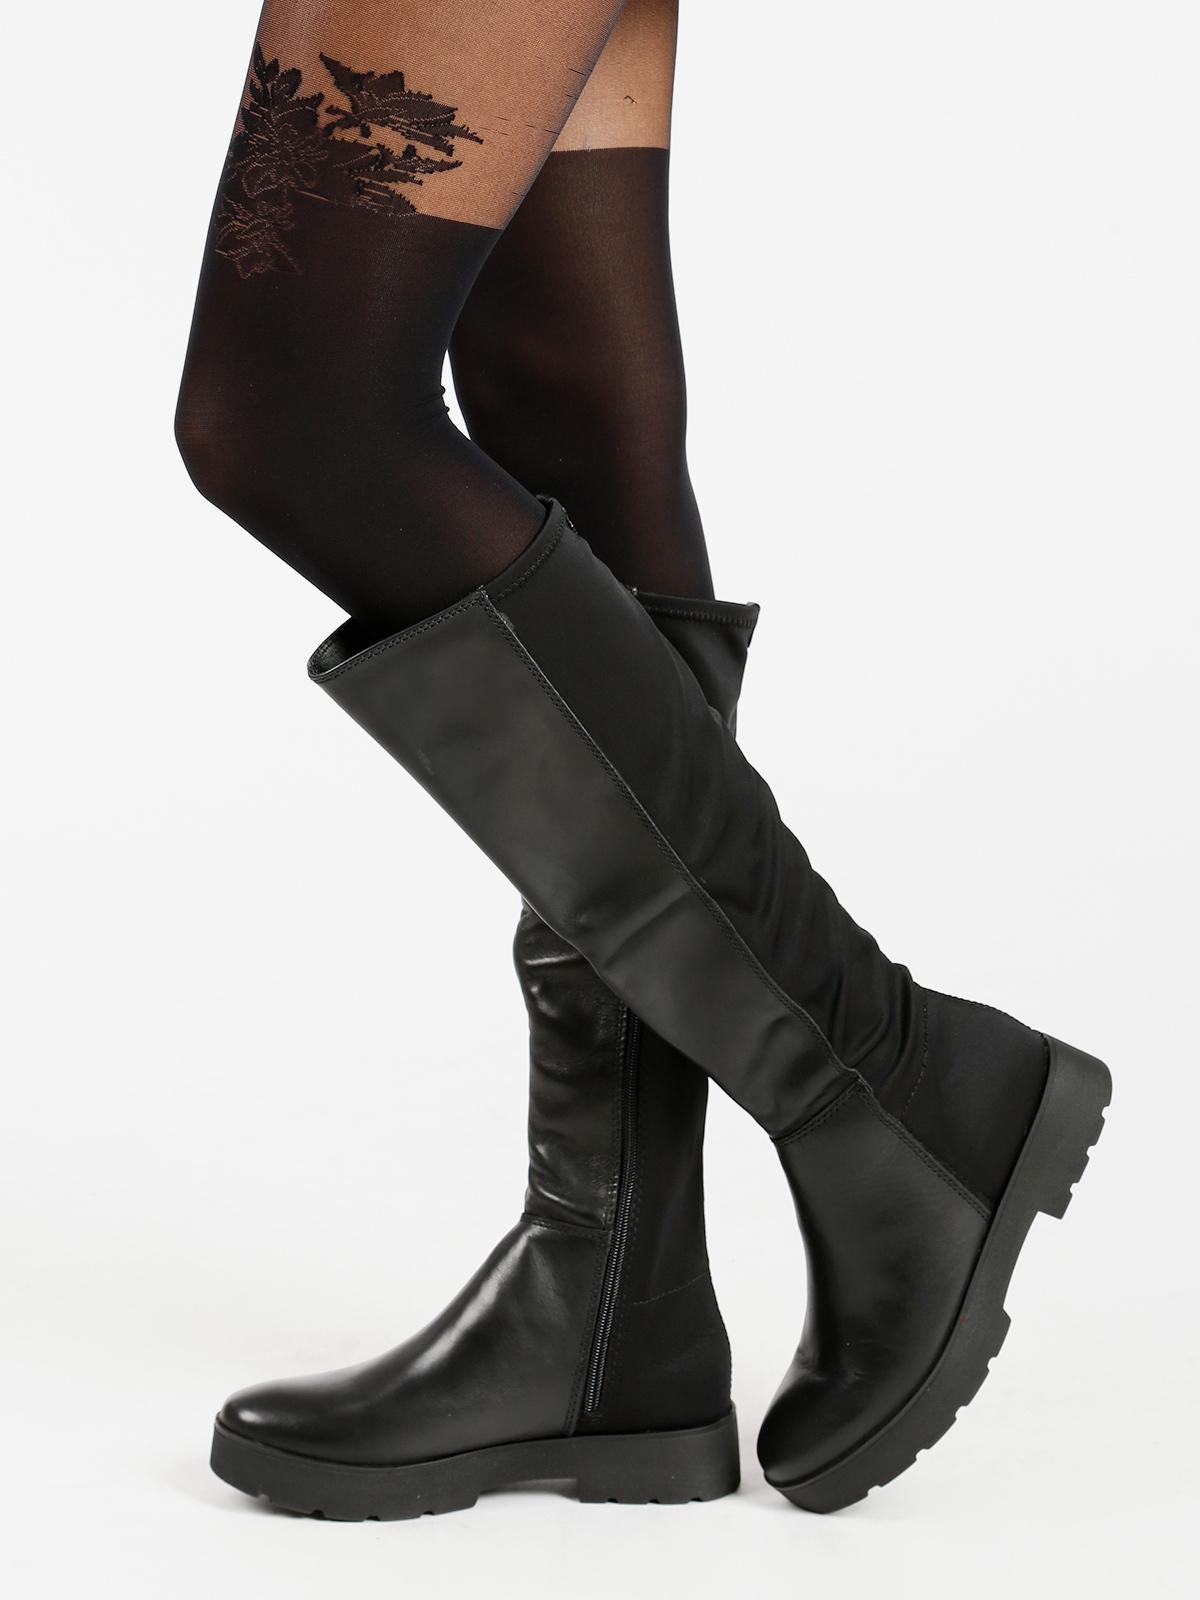 Stivali alti in pelle con tacco basso franco bruni | MecShopping